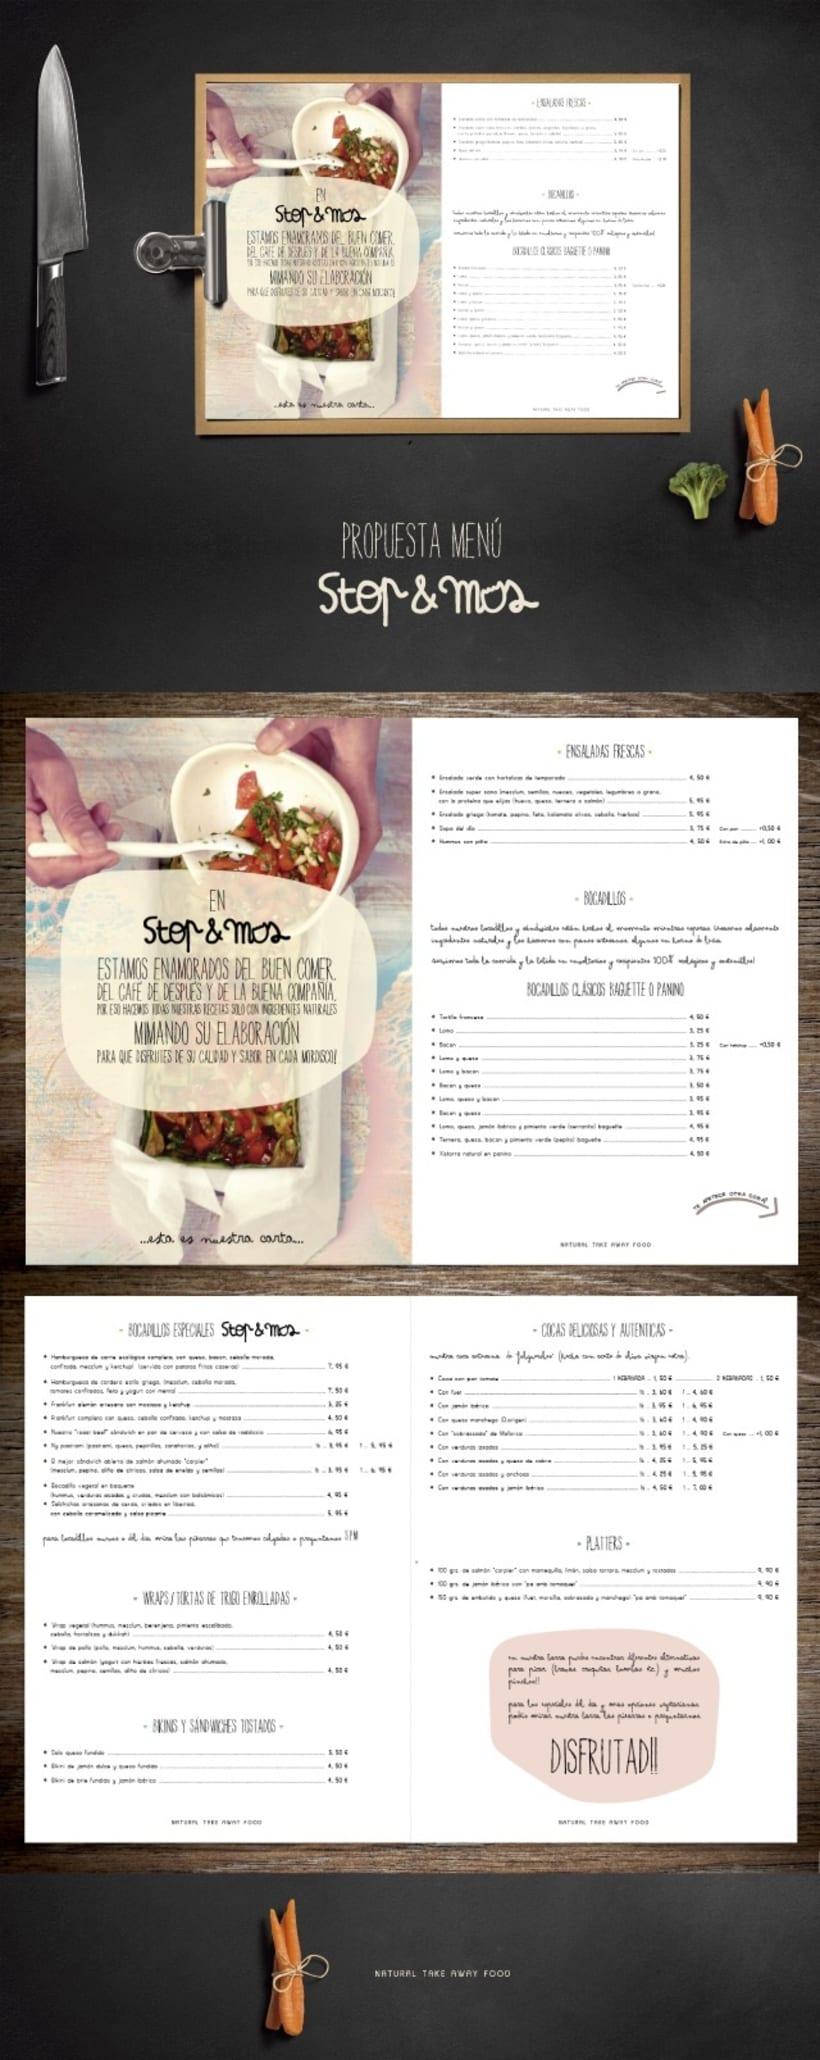 Diseño Menú Restaurante STOP & MOS -1